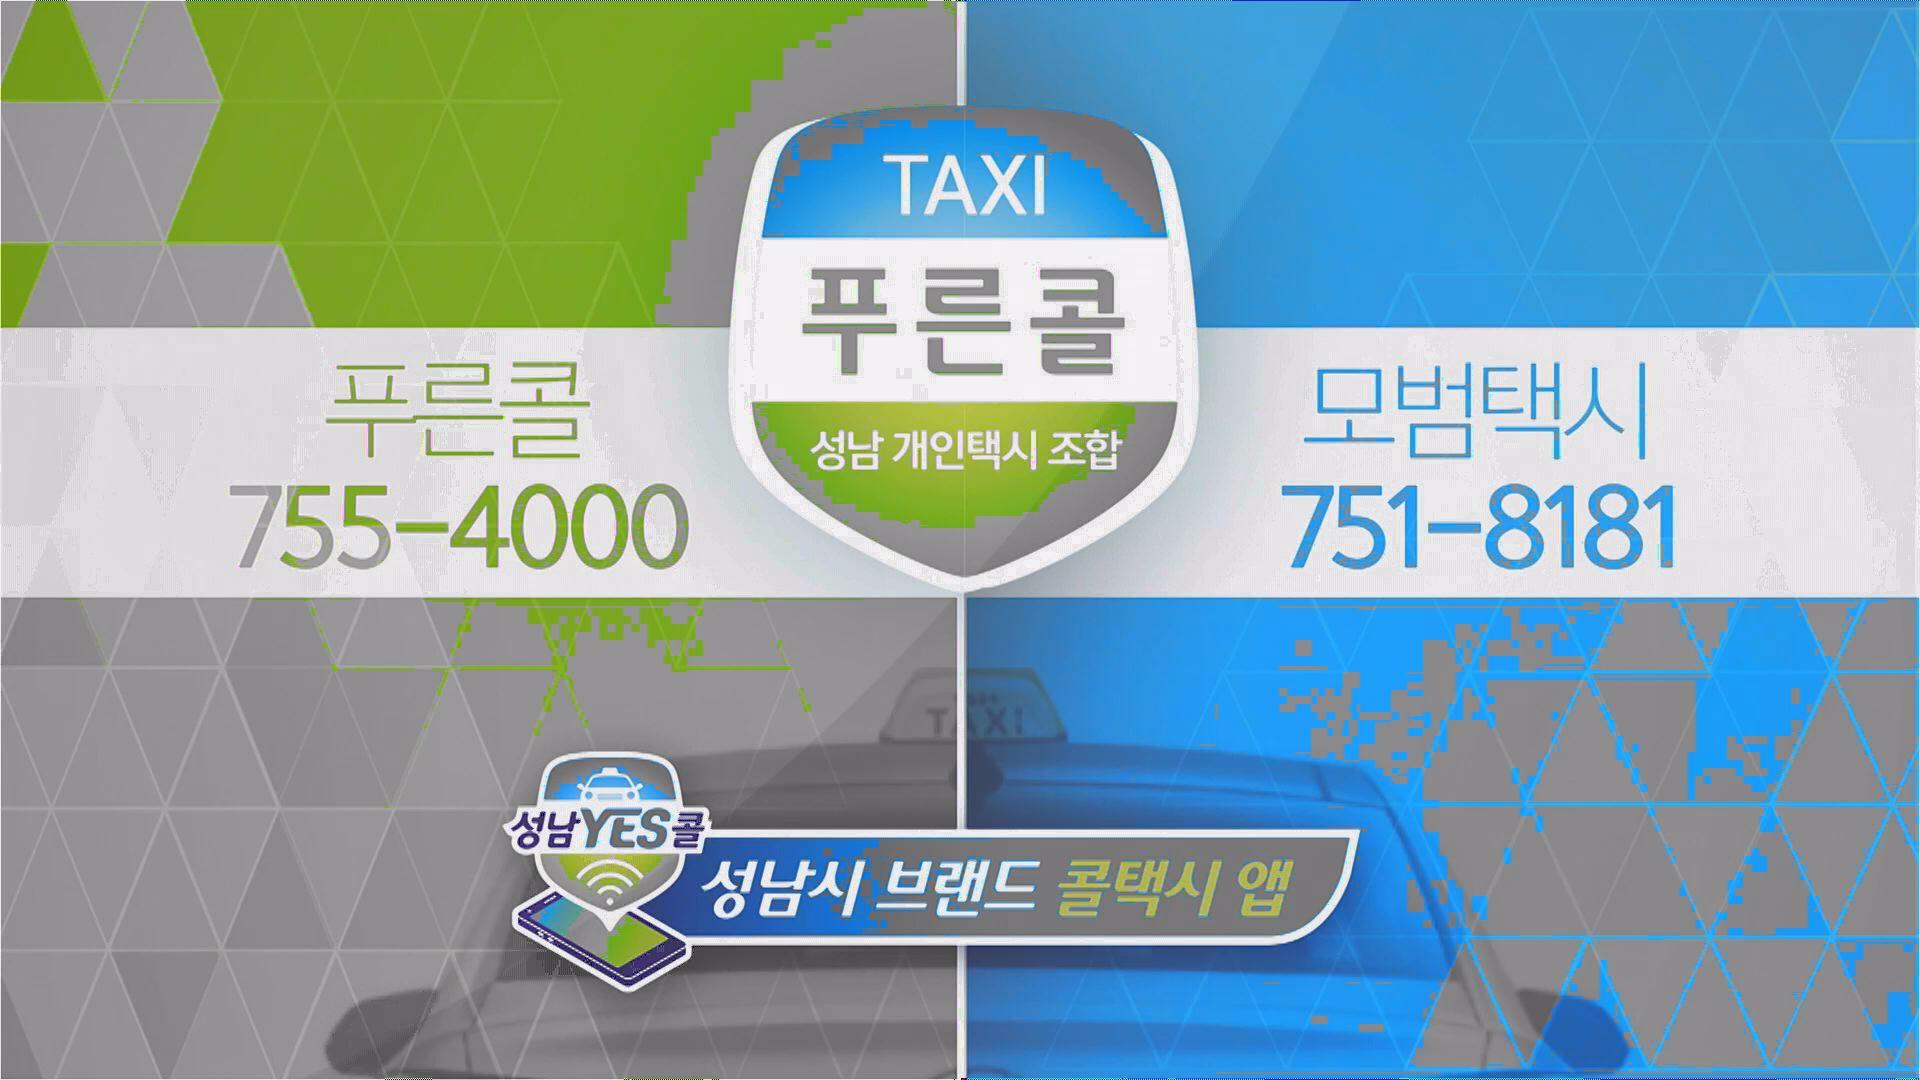 푸른콜 택시광고이미지